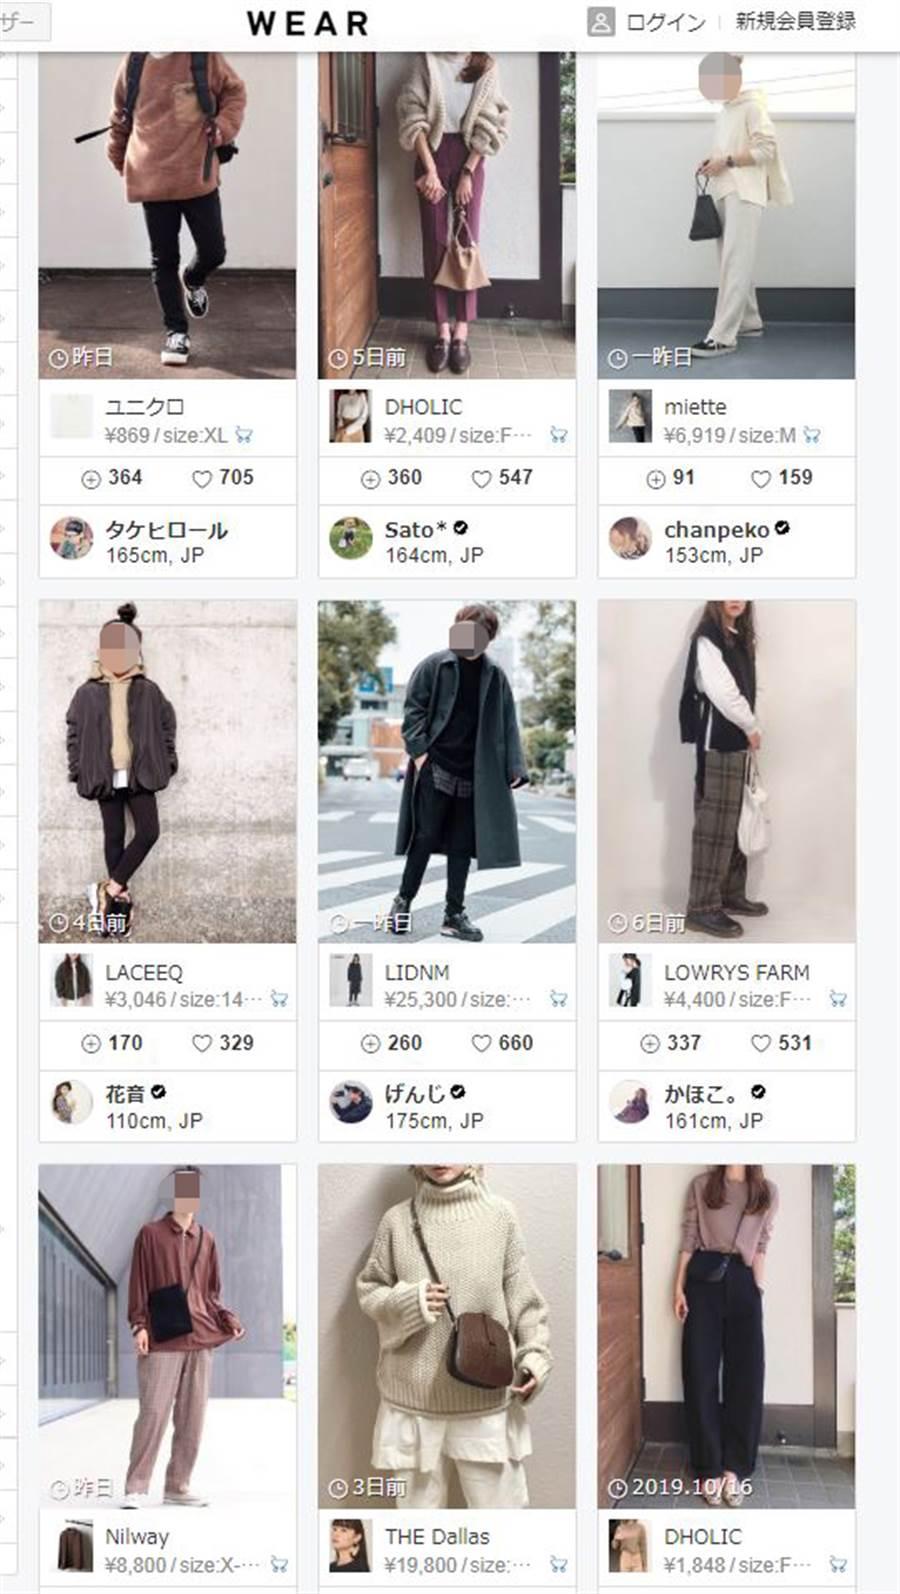 日本年轻世代对牛仔裤的追求不大。网上图片